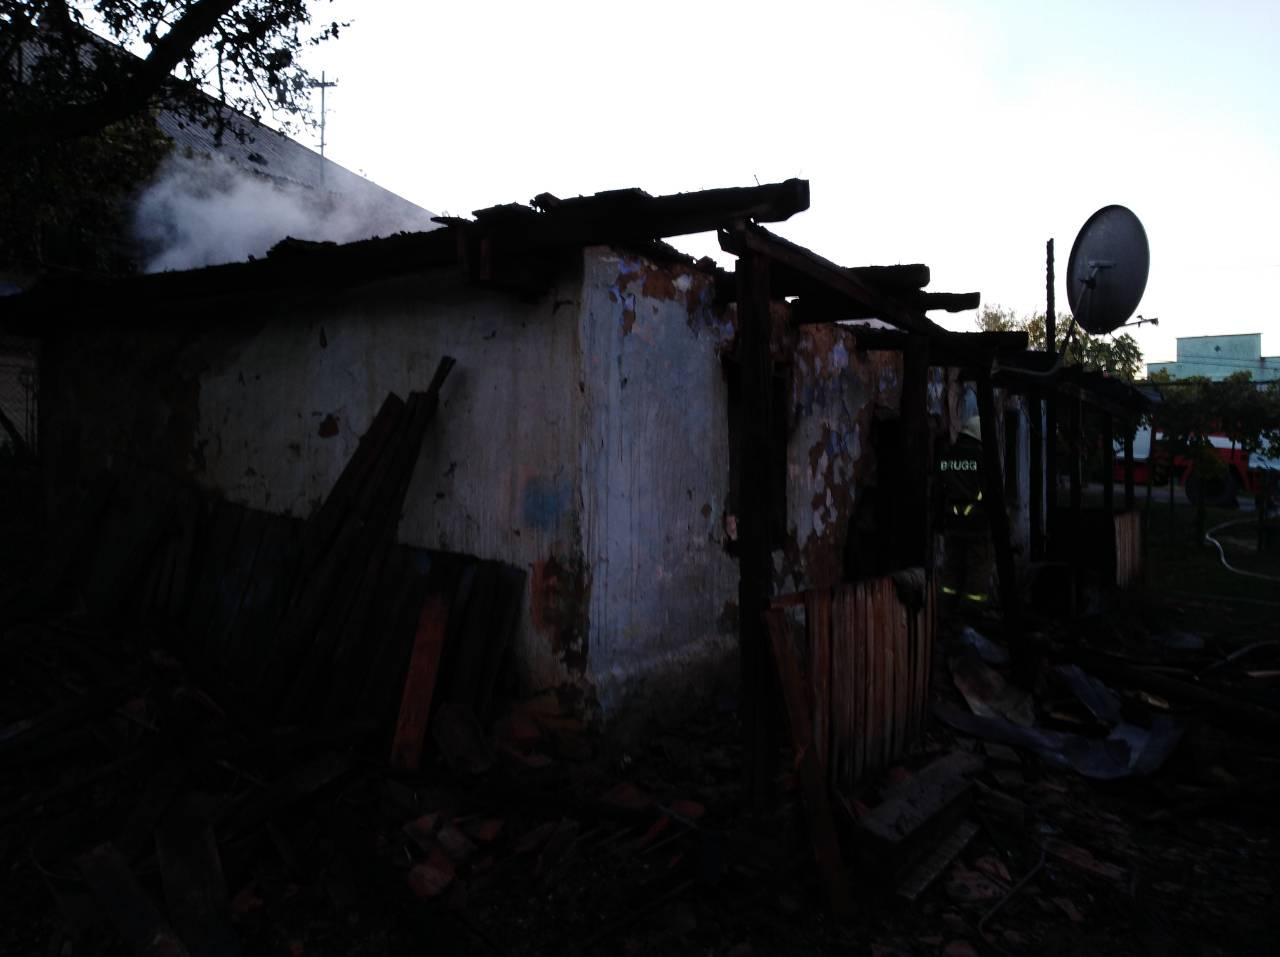 Під час пожежі у селі Пацканьово, що на Ужгородщині, ледь не згорів місцевий житель